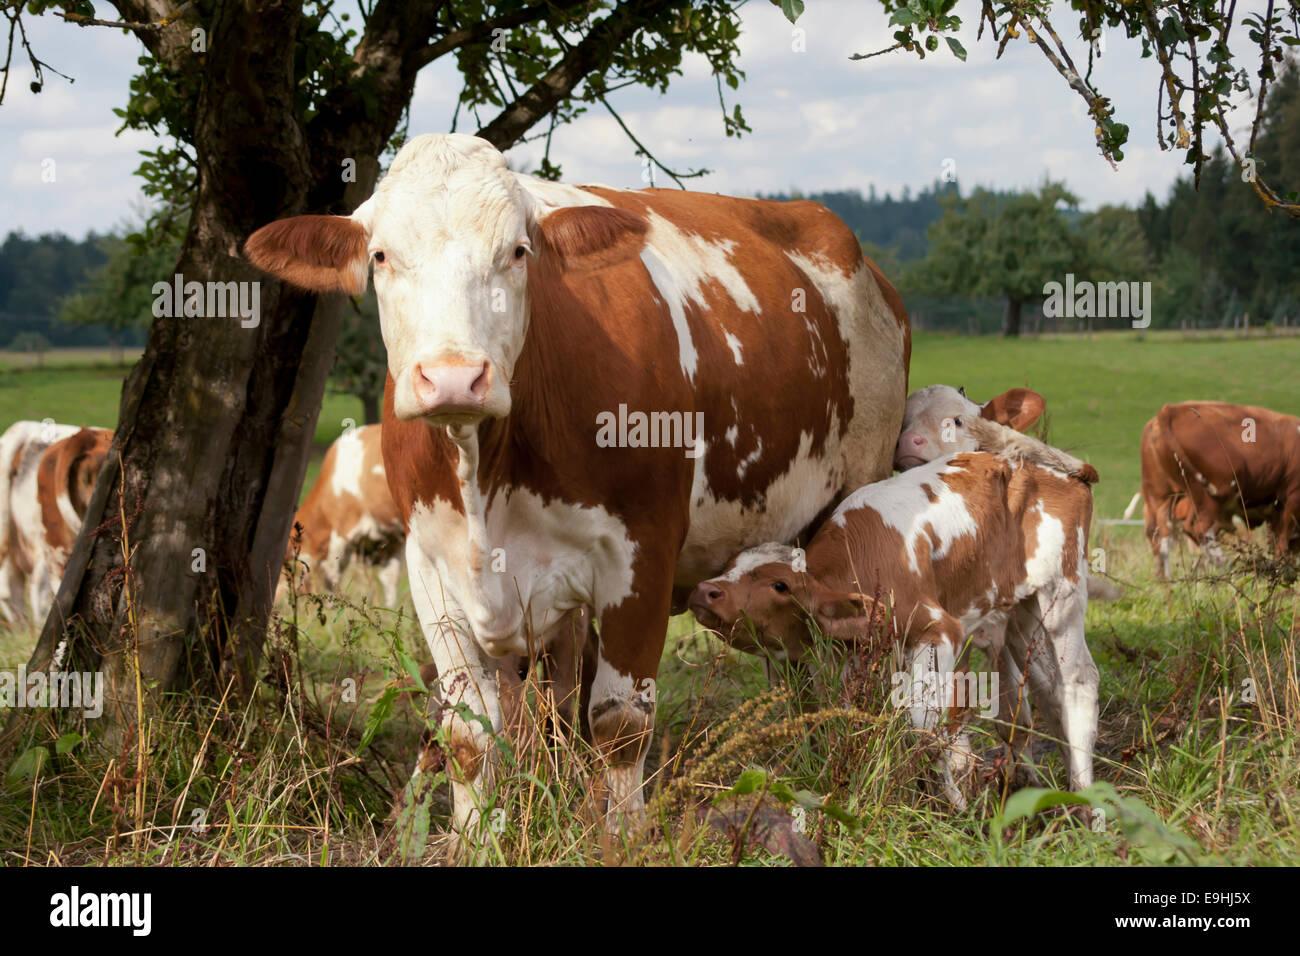 Kuh mit jungen Kalb auf Wiese Stockbild